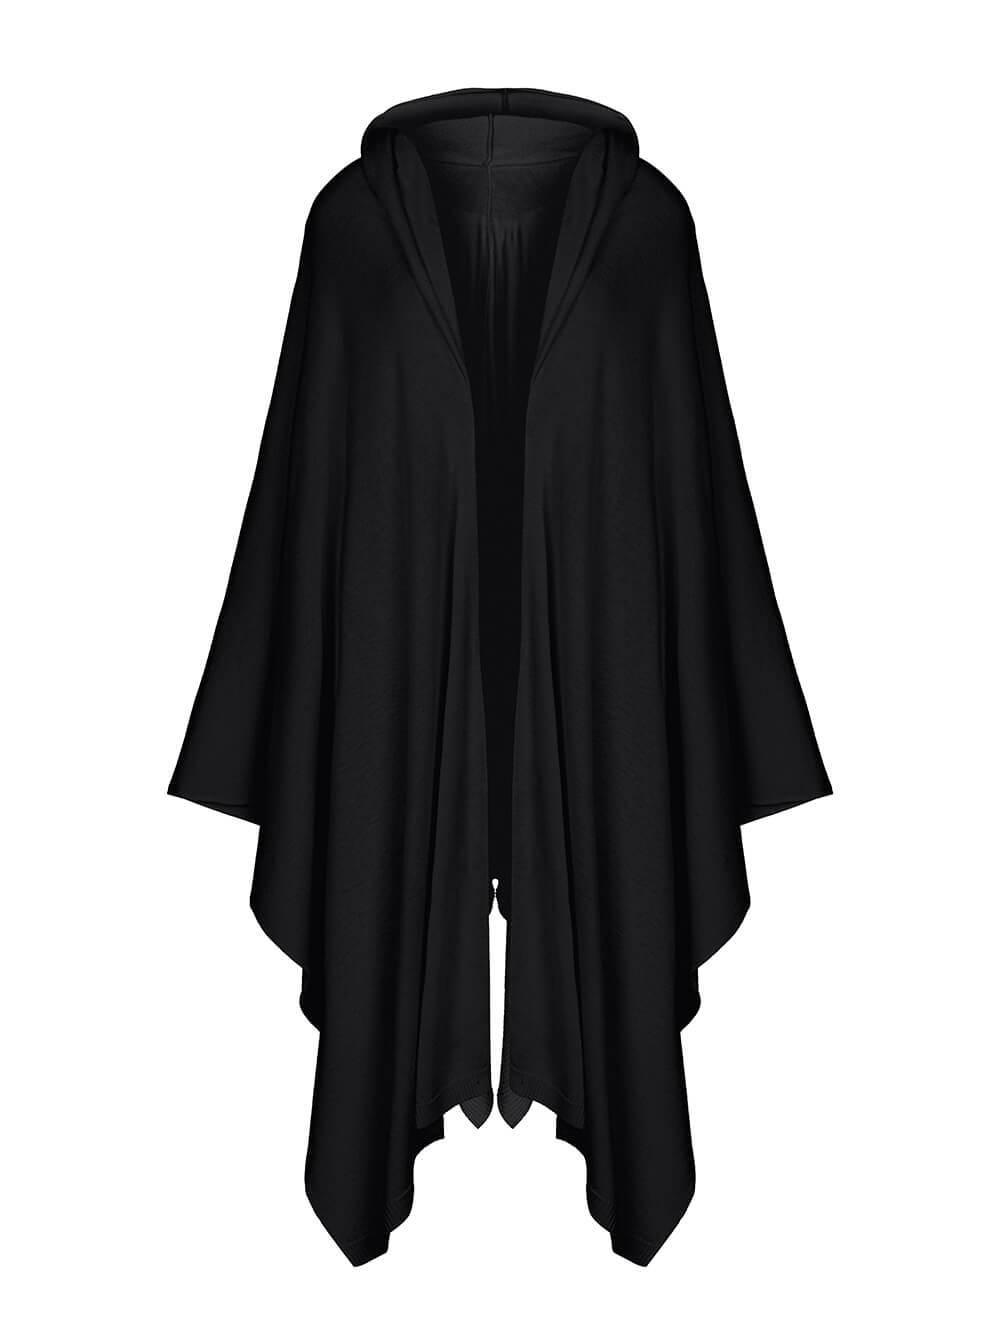 Женский шарф черного цвета из 100% шерсти - фото 1